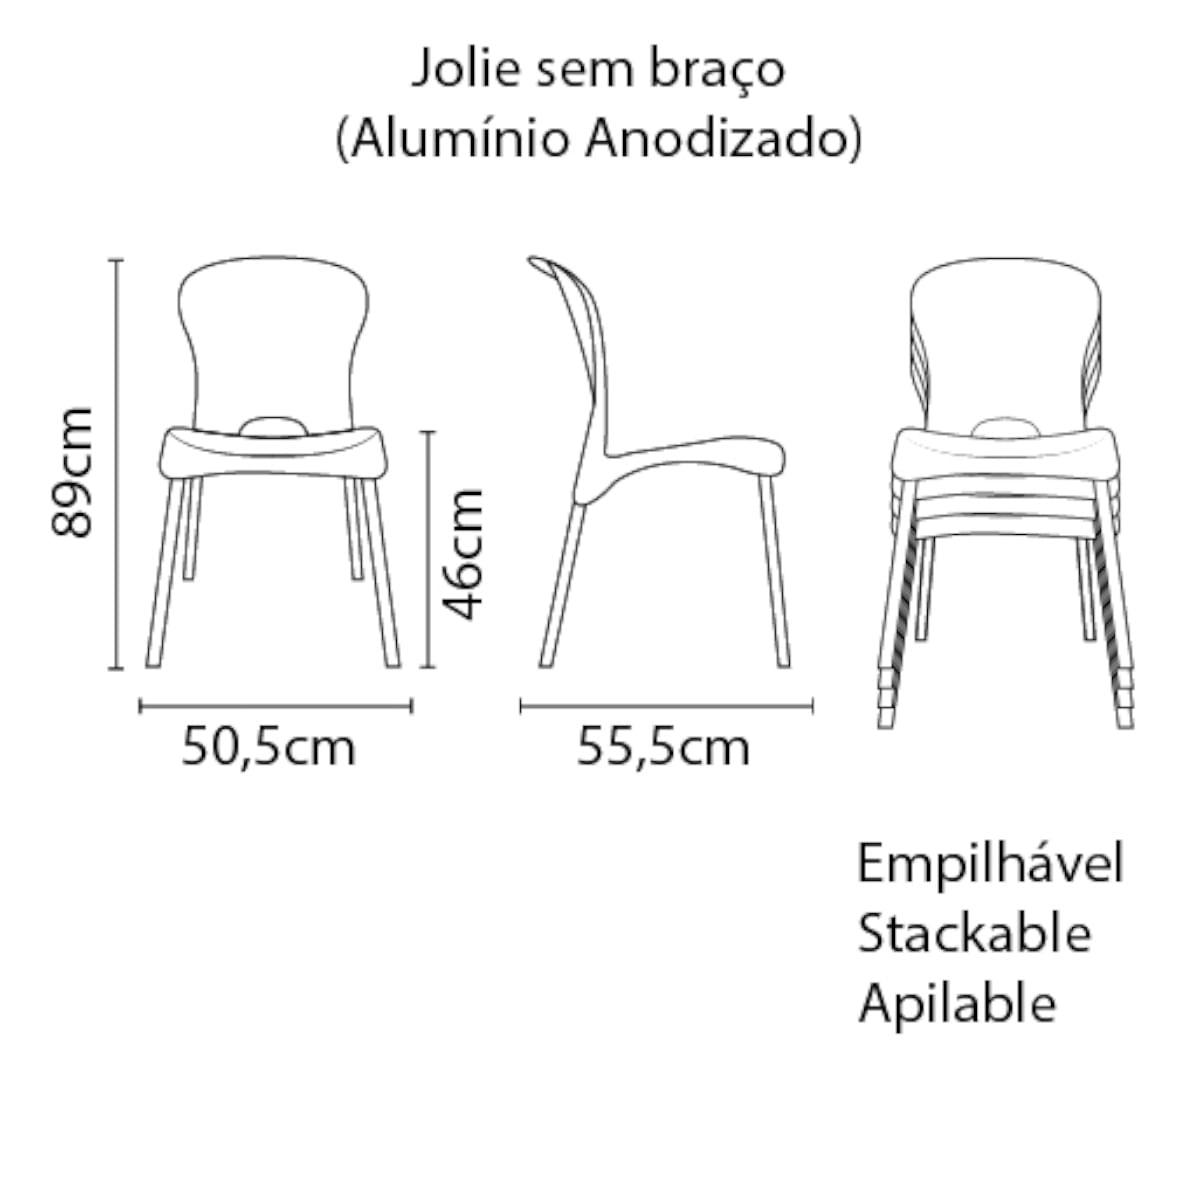 Cadeira Tramontina Jolie Vermelha em Polipropileno com Pernas Anodizadas